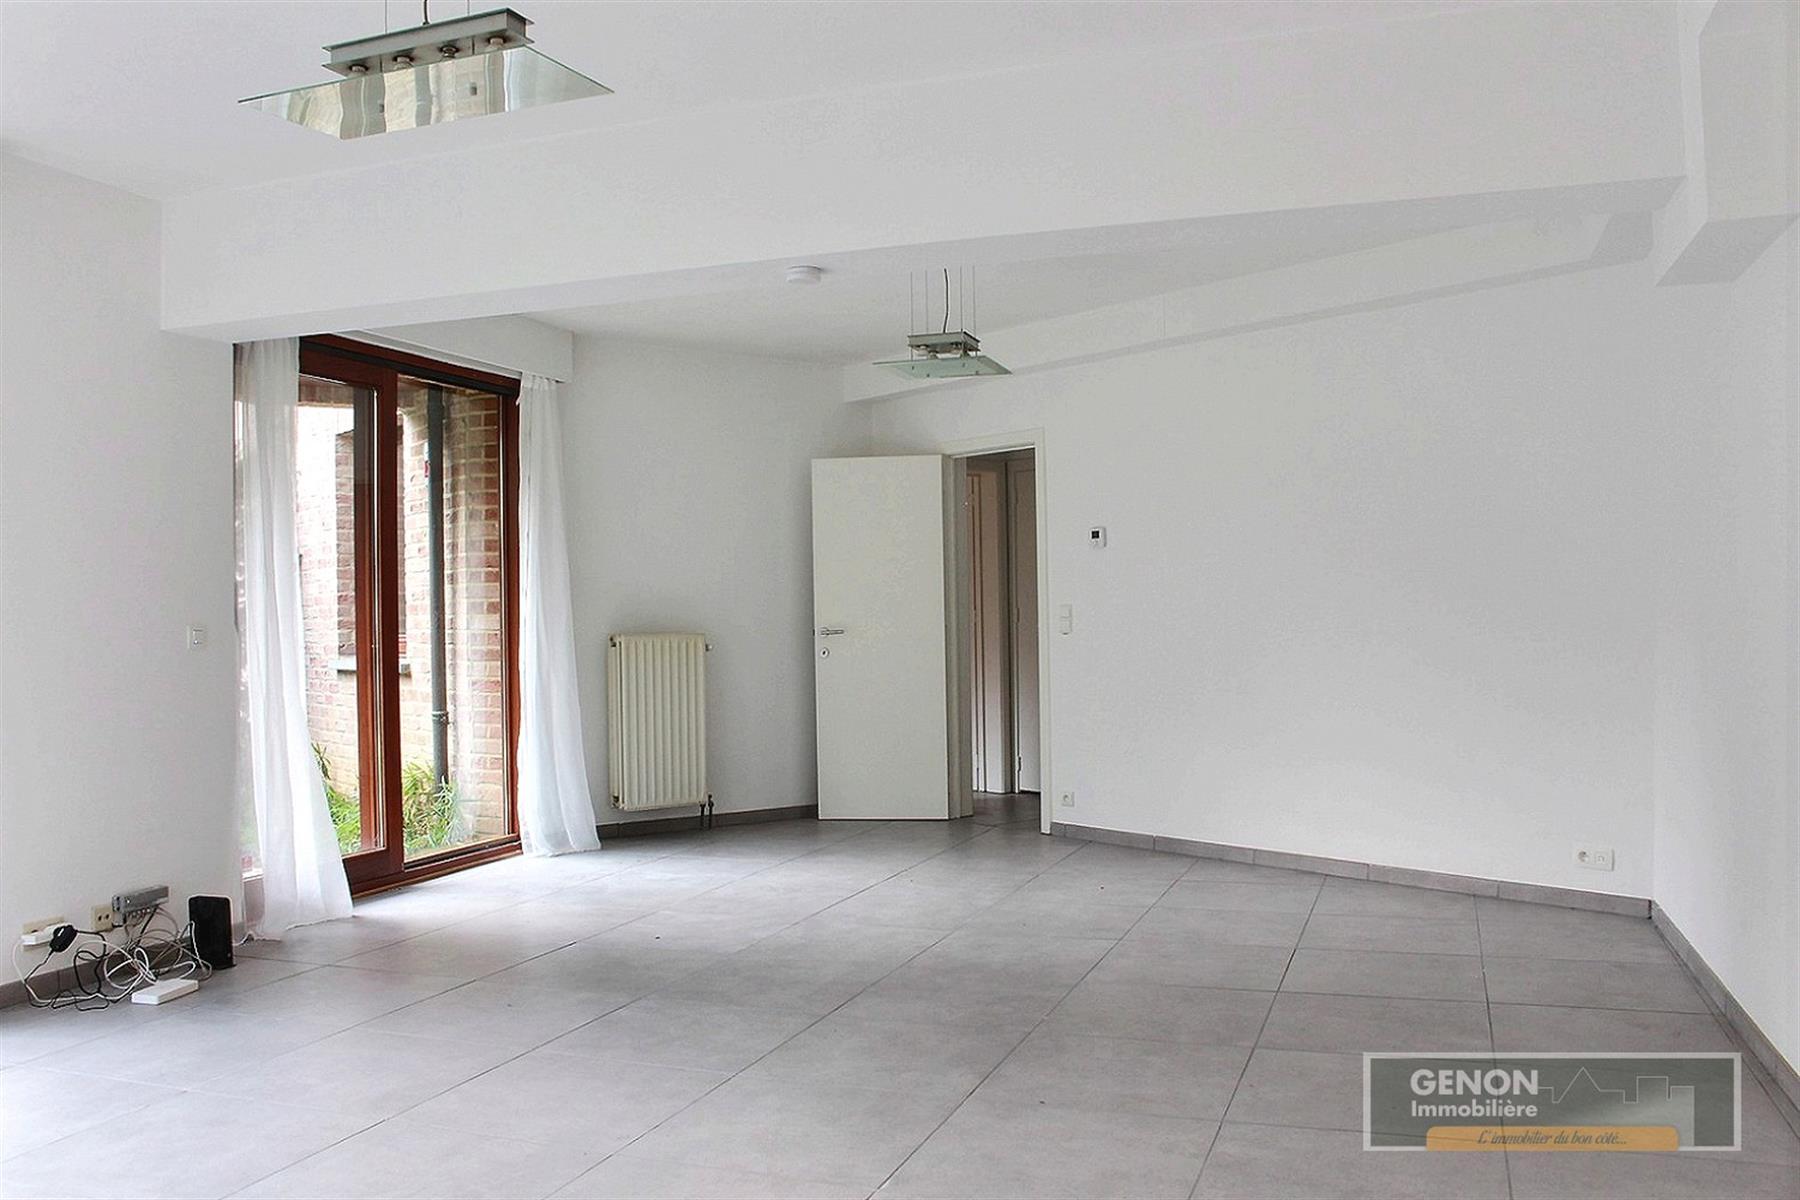 Appartement - Ottignies-Louvain-la-Neuve - #4244956-0